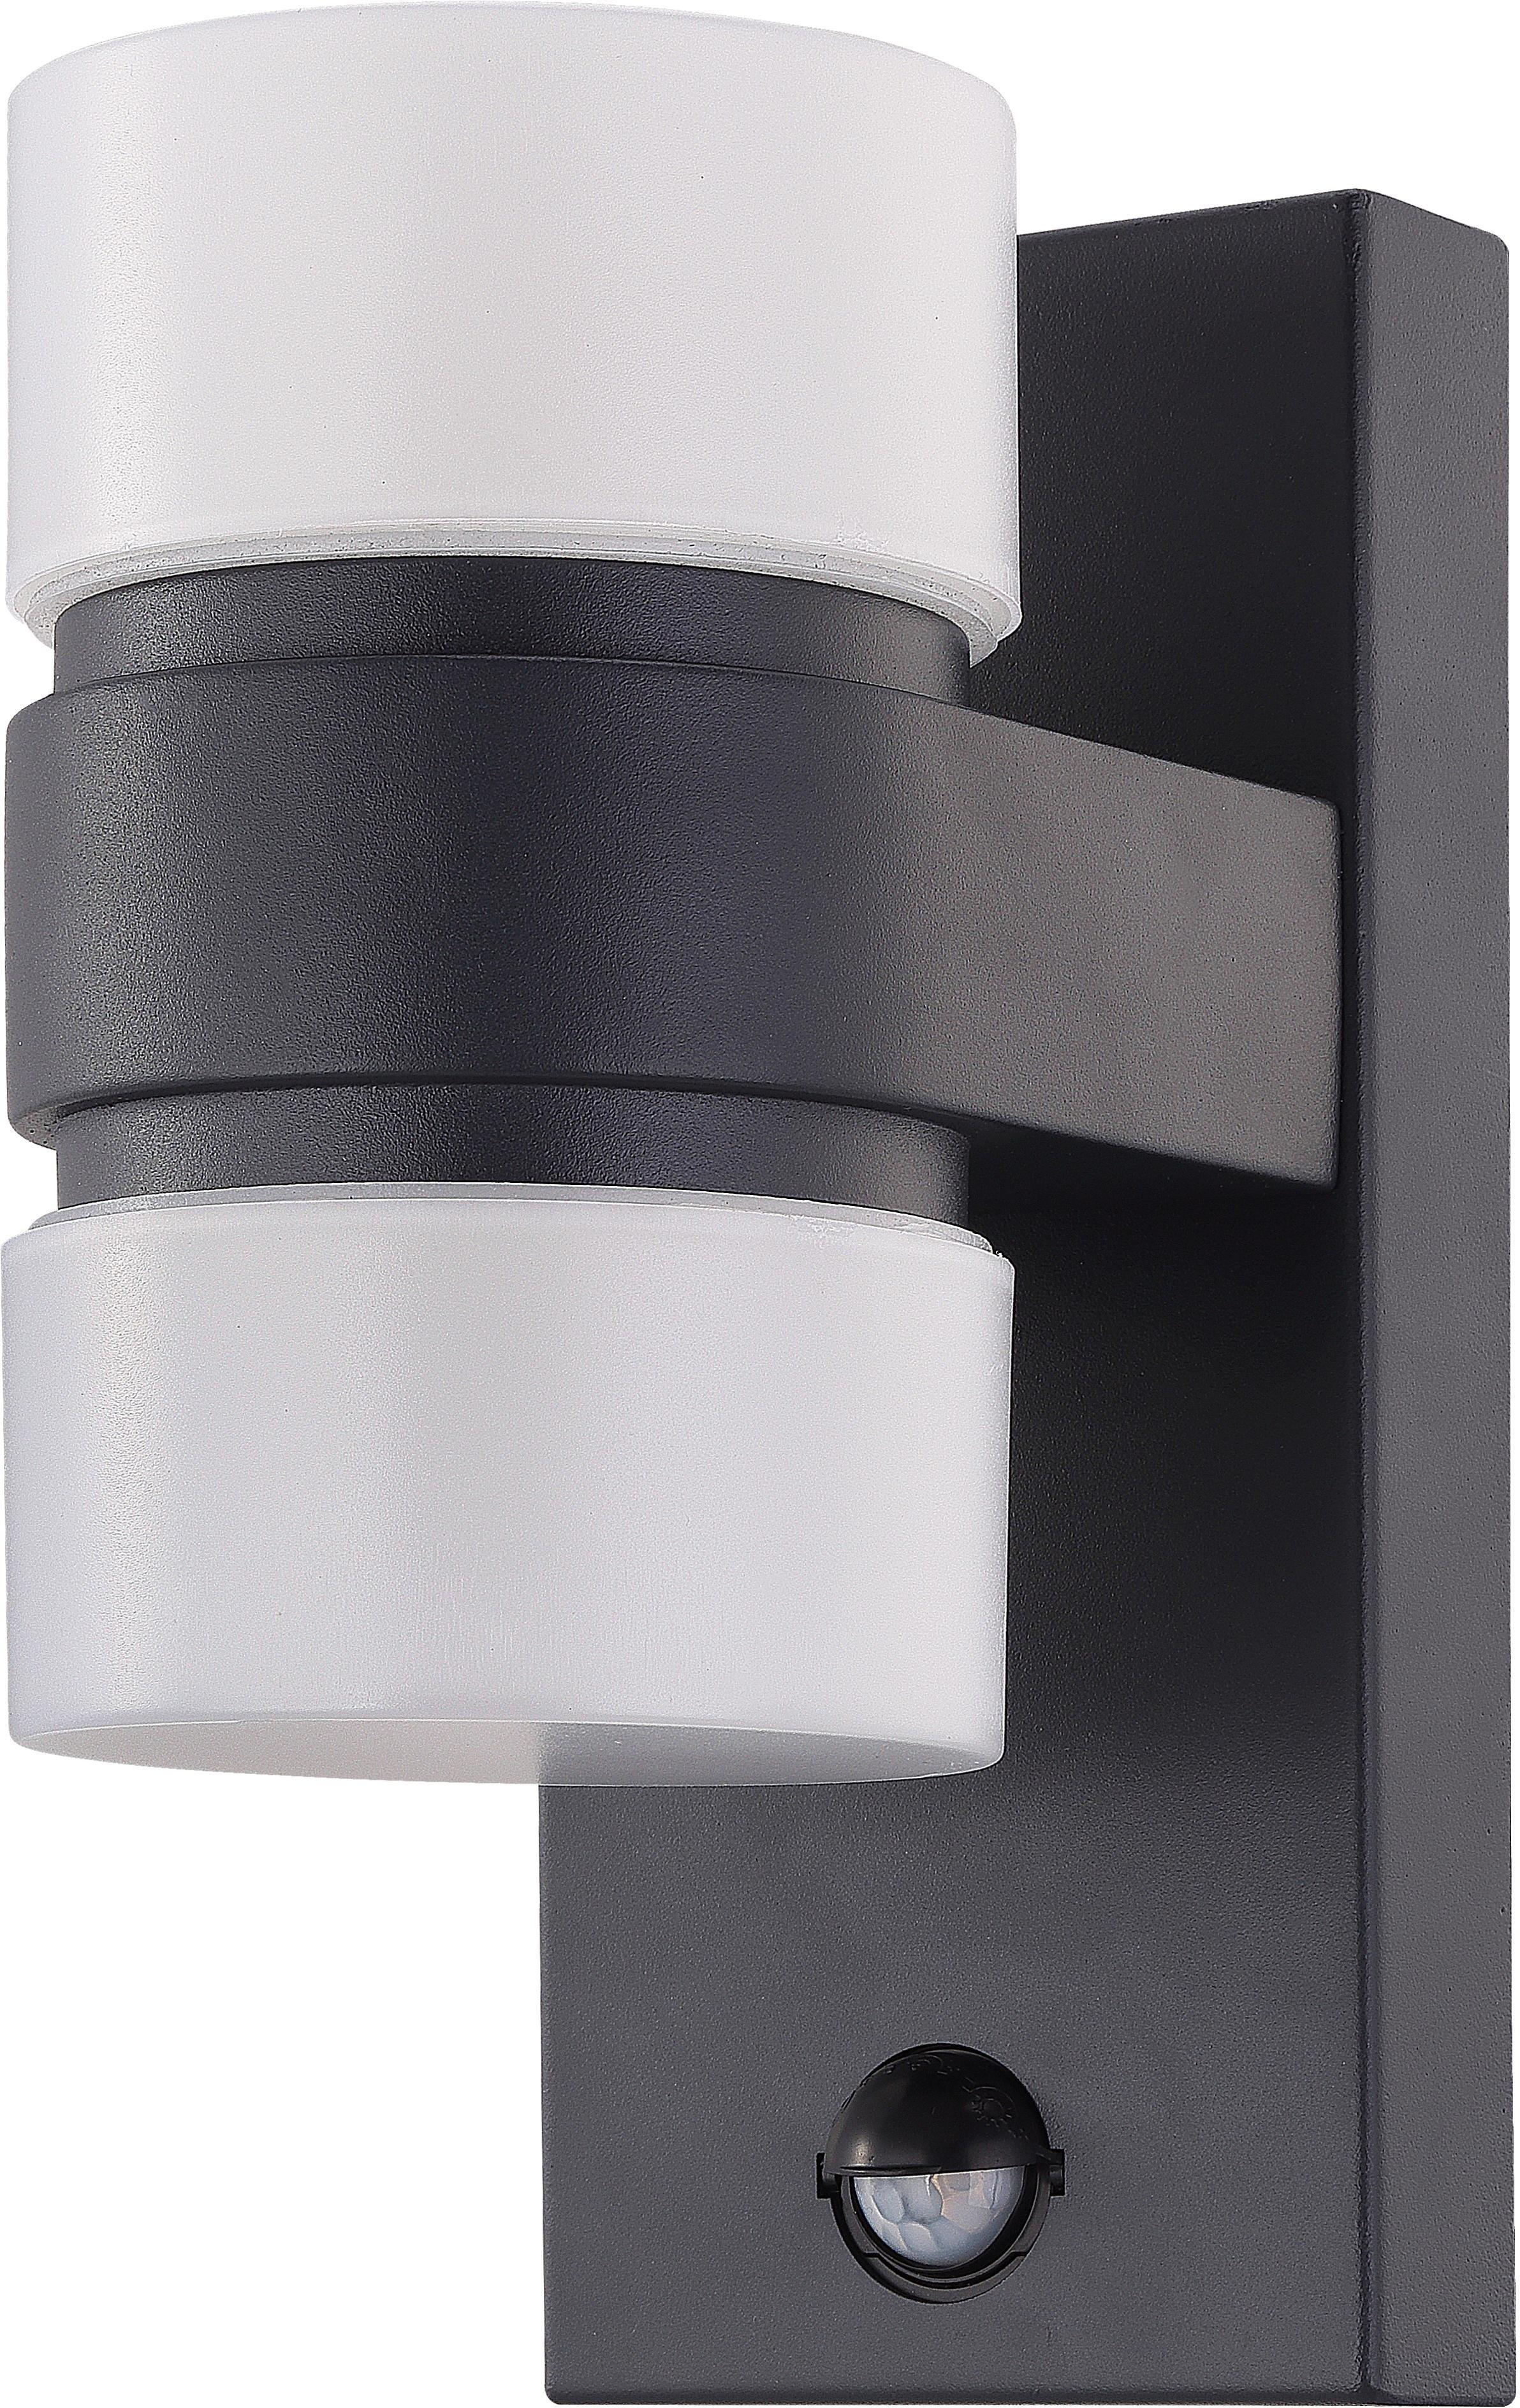 EGLO led-wandlamp voor buiten »ATOLLARI«, nu online bestellen